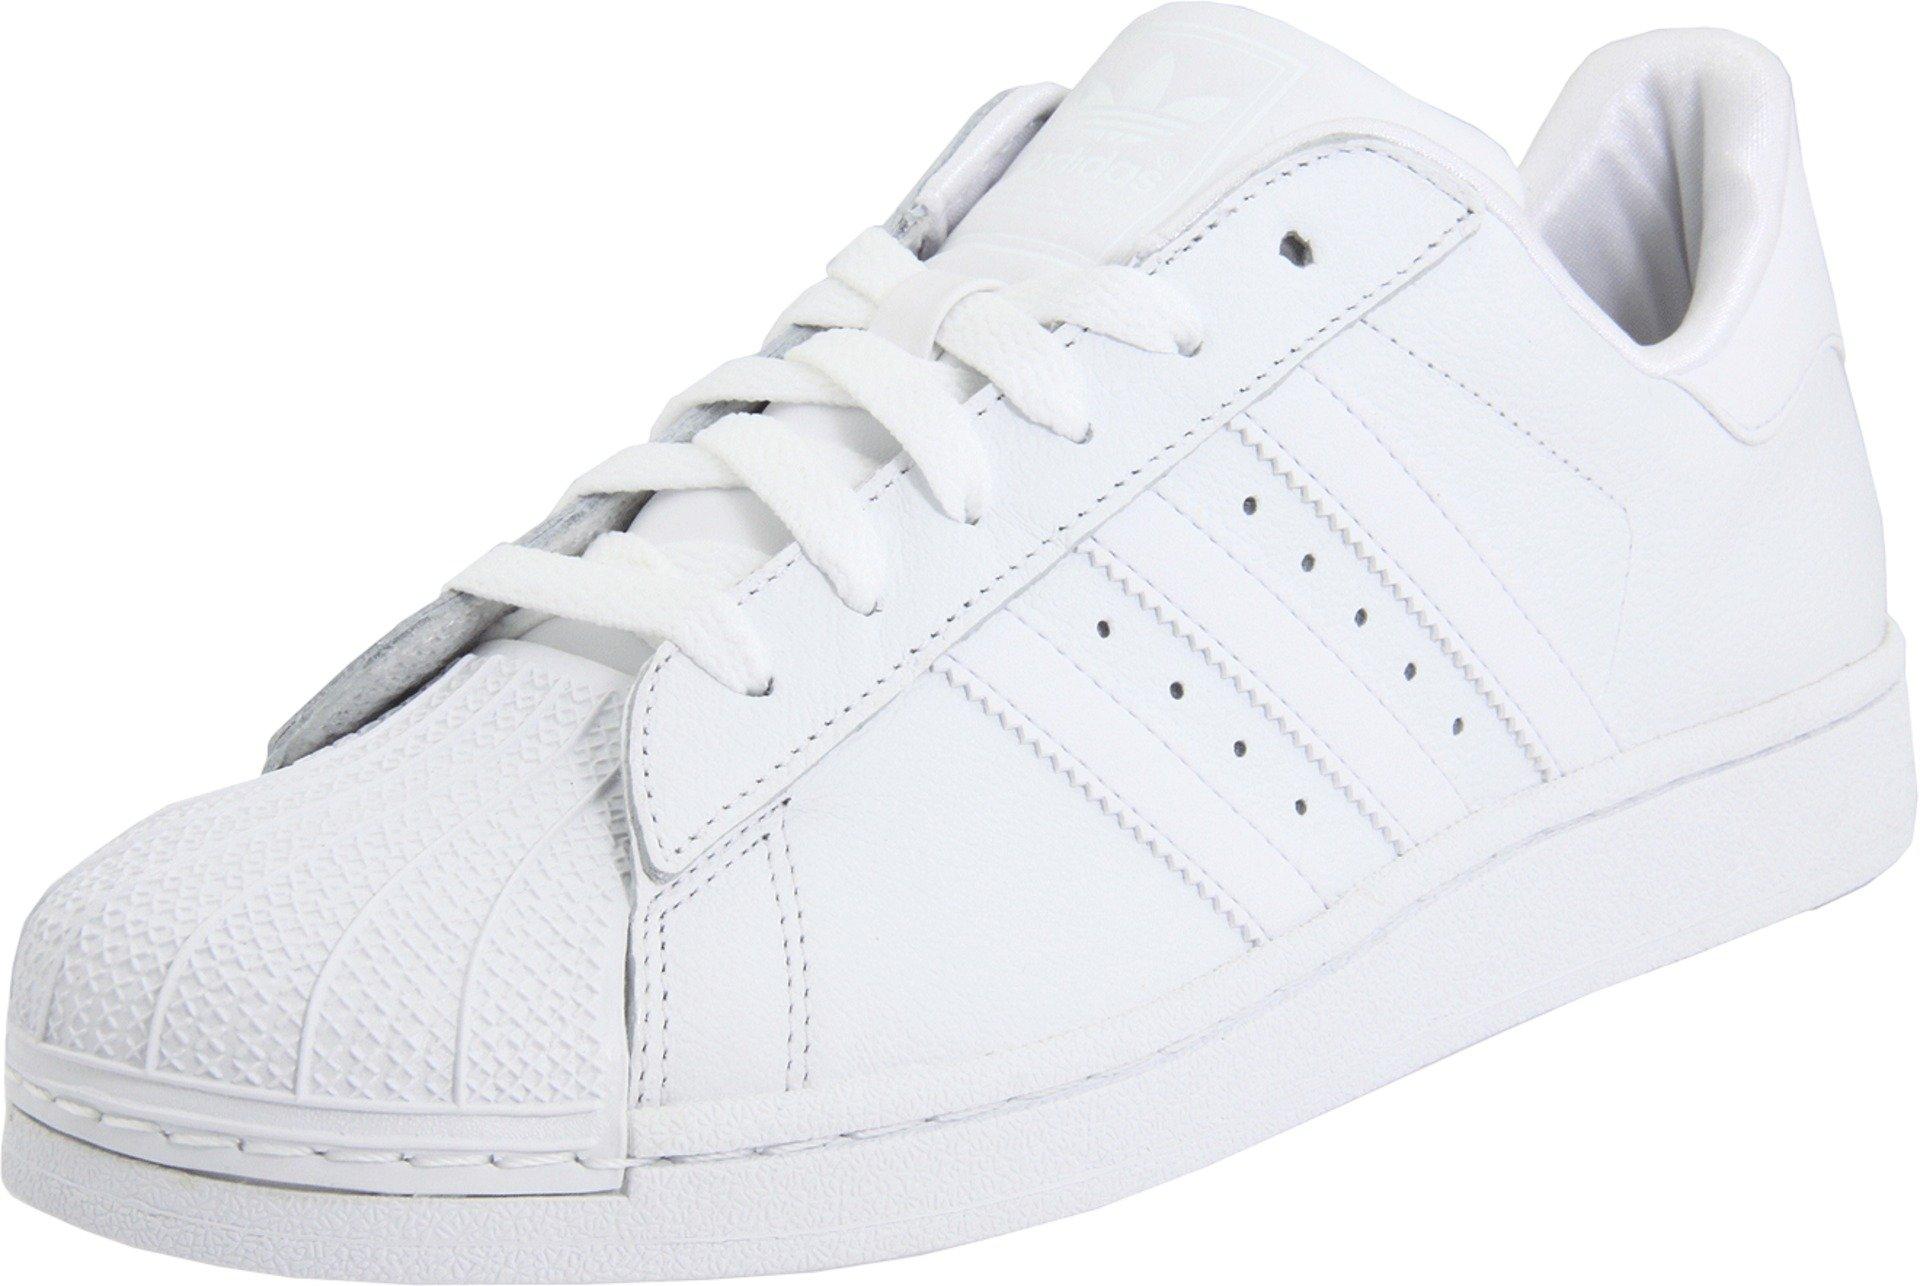 adidas Originals Superstar II Sneaker (Little Kid/Big Kid),White/White/White,7 M US Big Kid